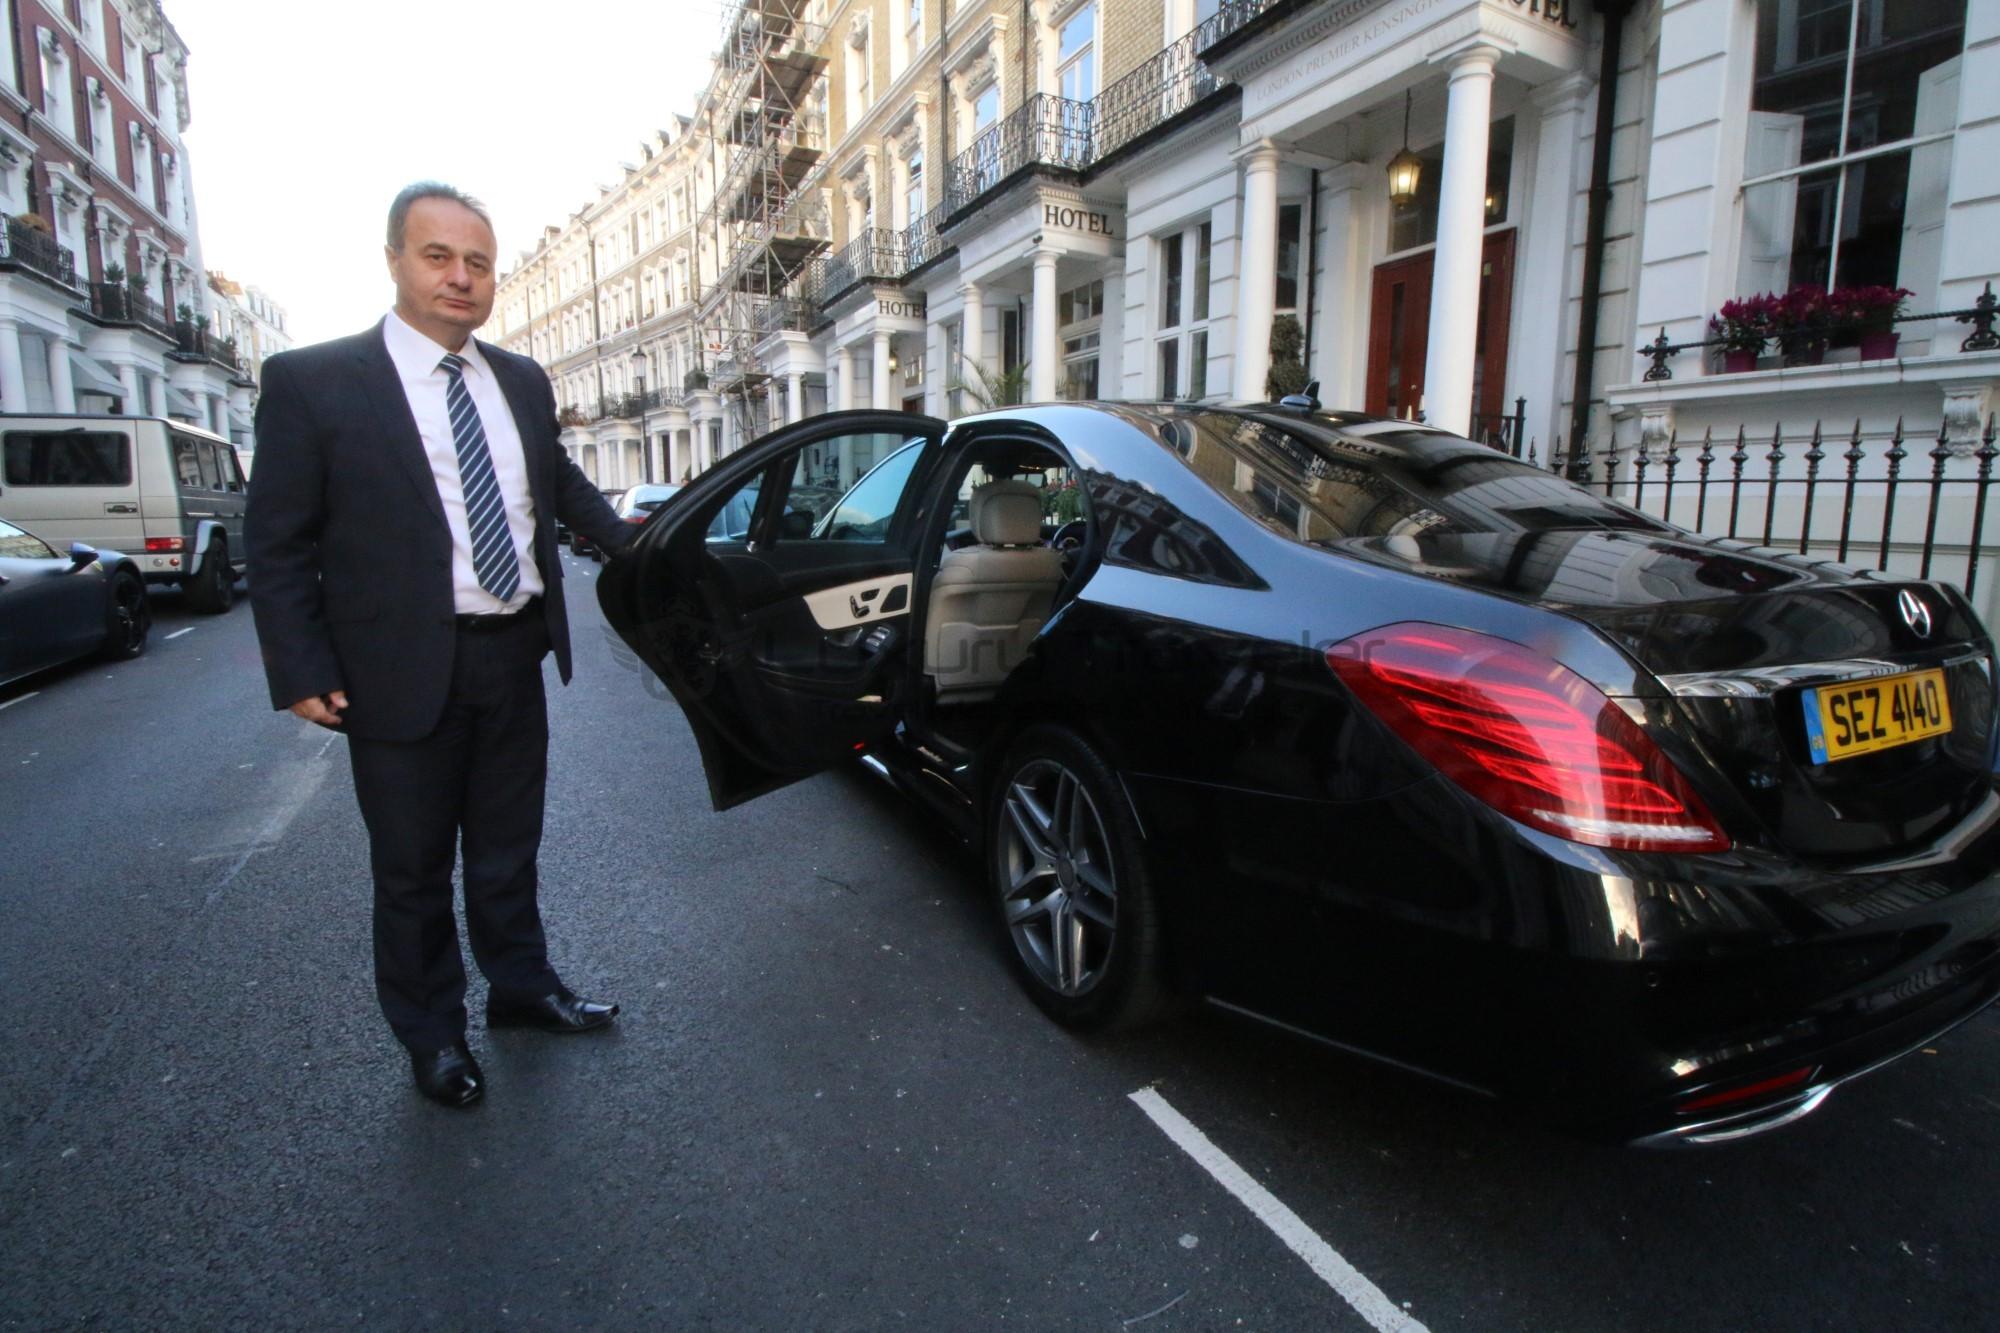 Luxury Chauffeur Service In London Eg Chauffeurs Luxury Traveler